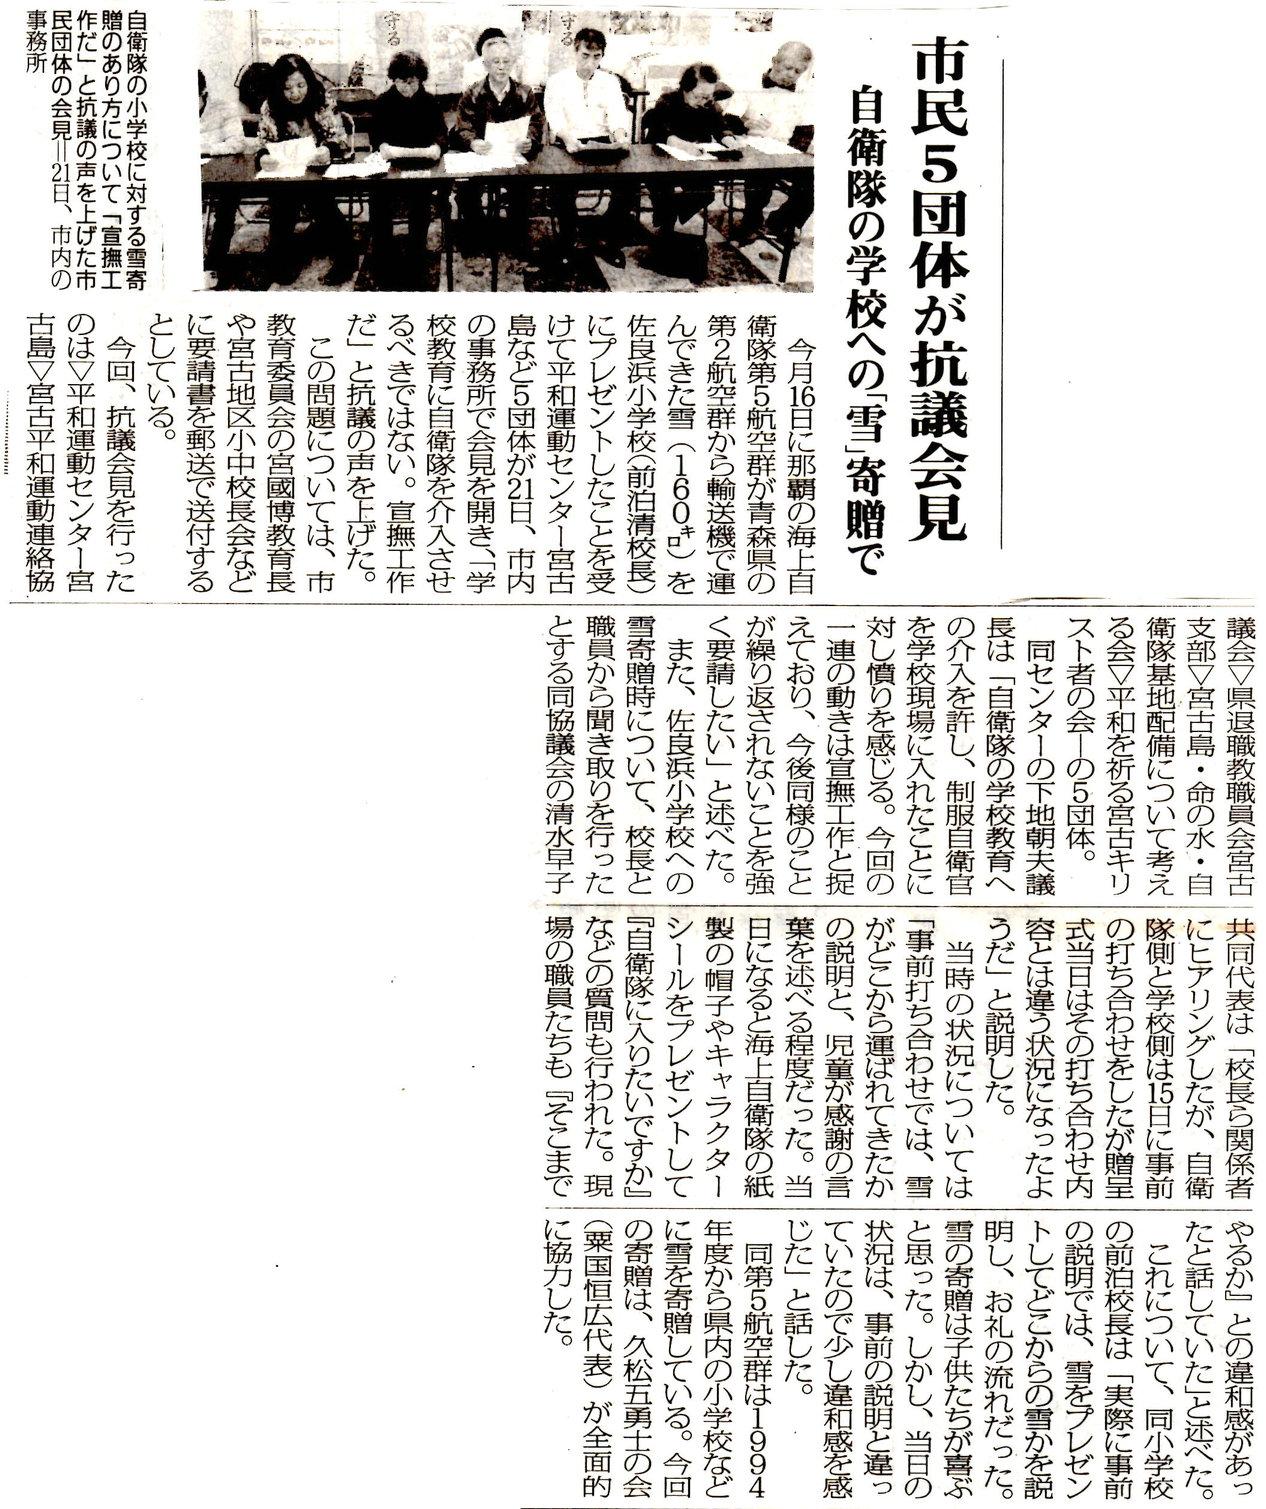 miyakomainichi2017 0223